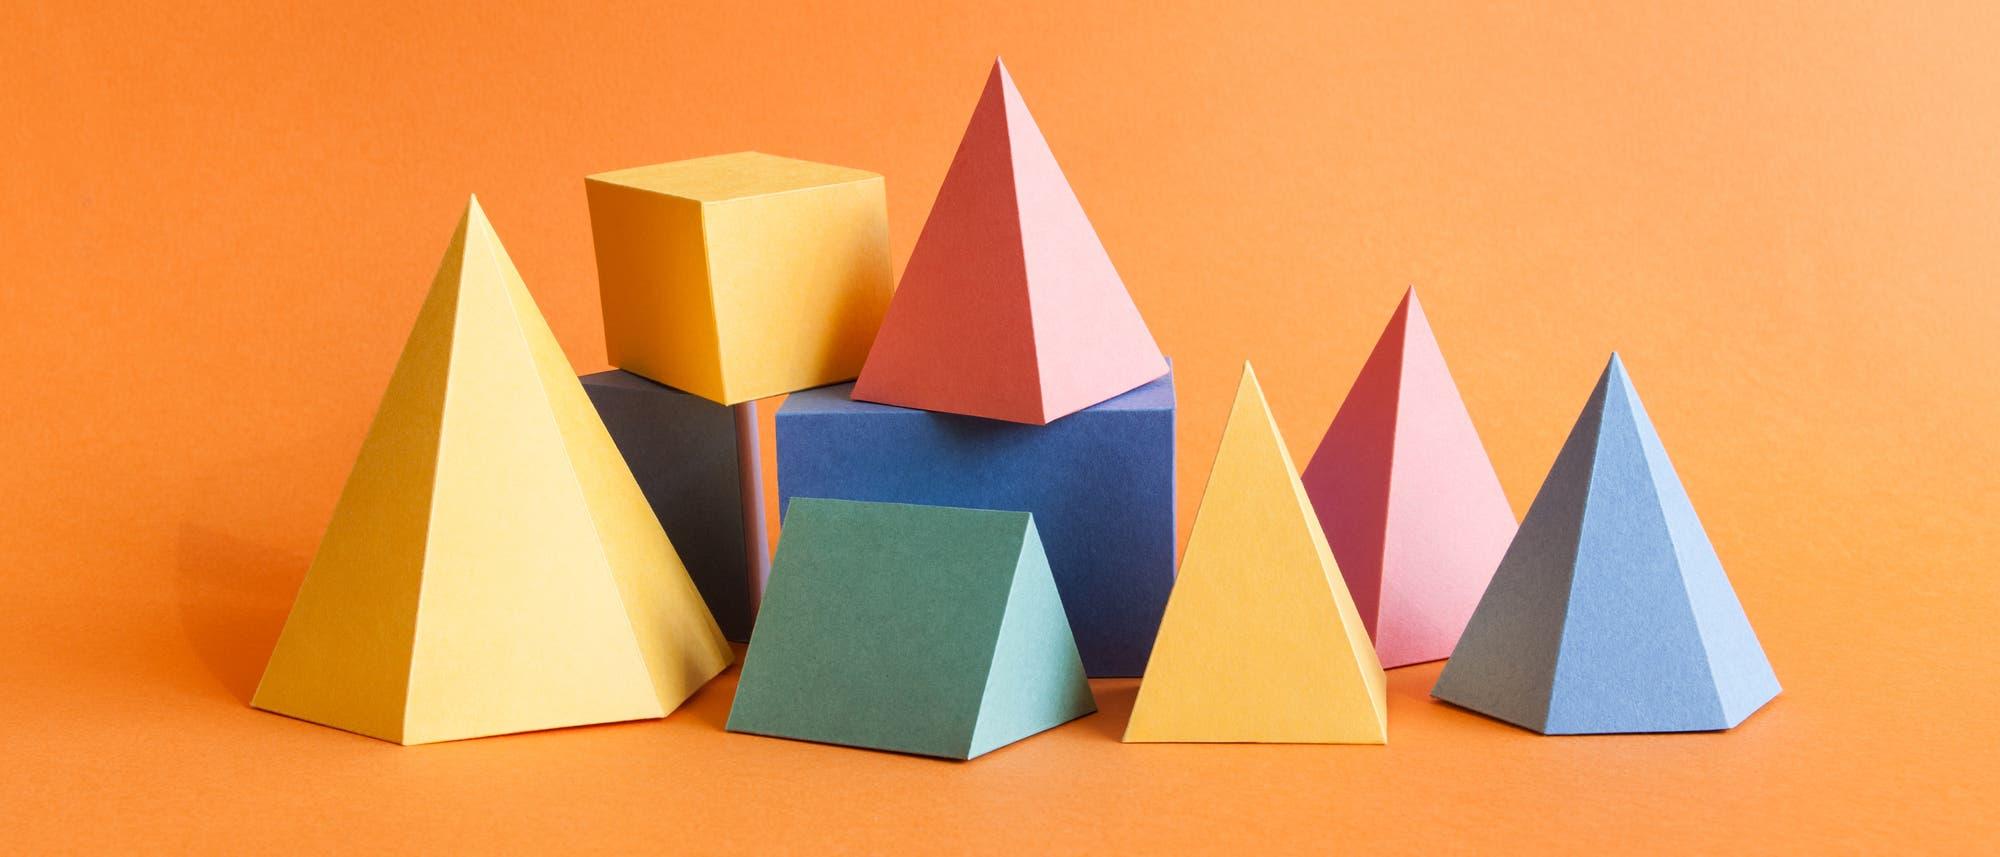 Bunte Geometrische Körper aus Papier gefaltet